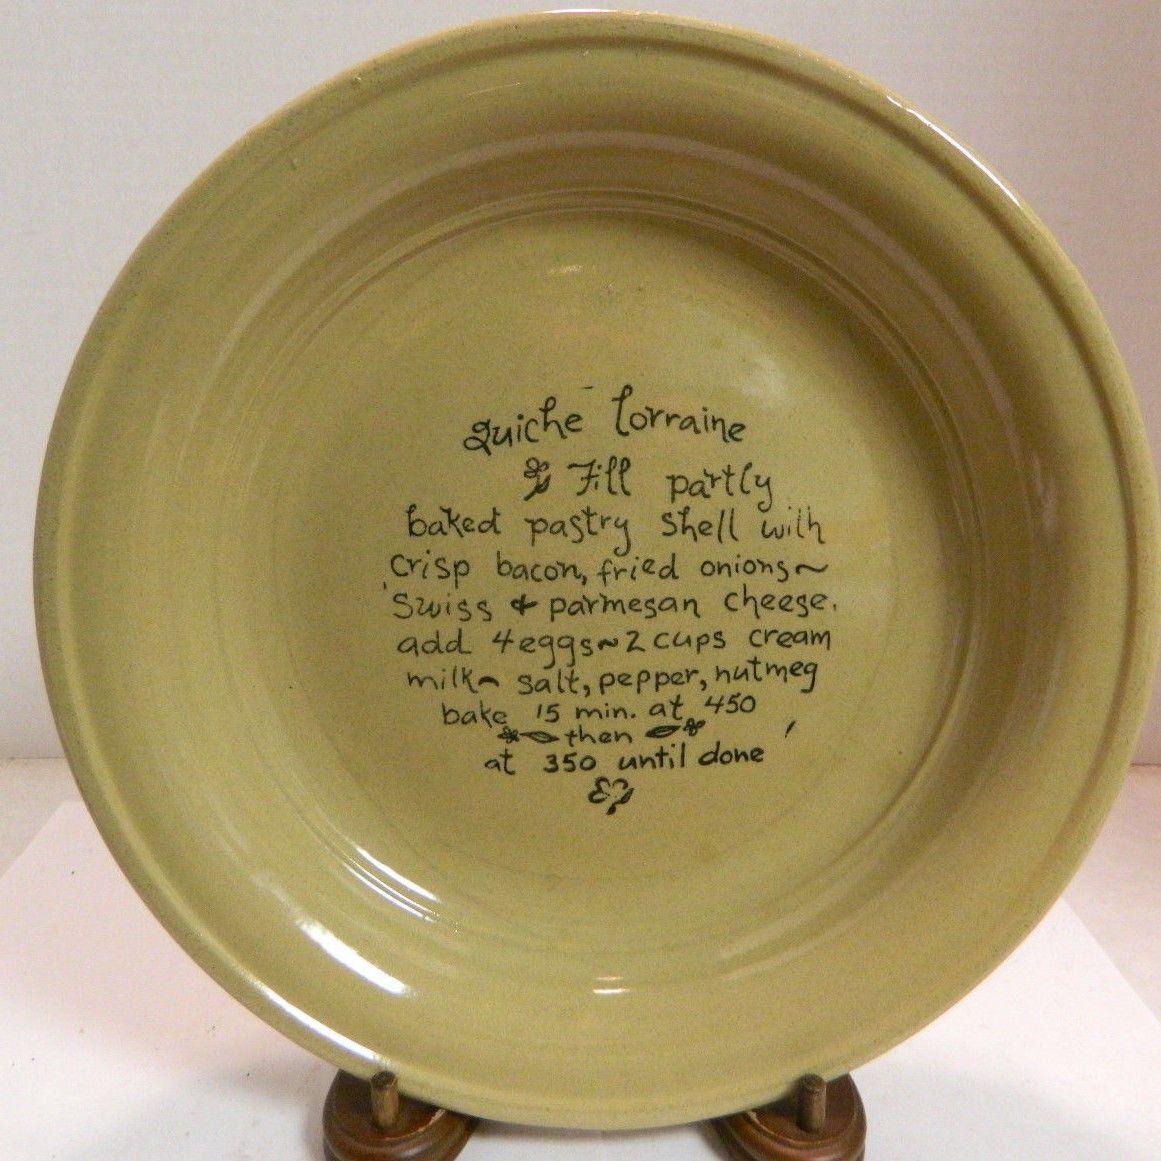 Vintage Moira Ltd Stoneware Pie Plate w Quiche Lorraine Recipe 10 75\ Excell | eBay & Vintage Moira Ltd Stoneware Pie Plate w Quiche Lorraine Recipe 10 75 ...